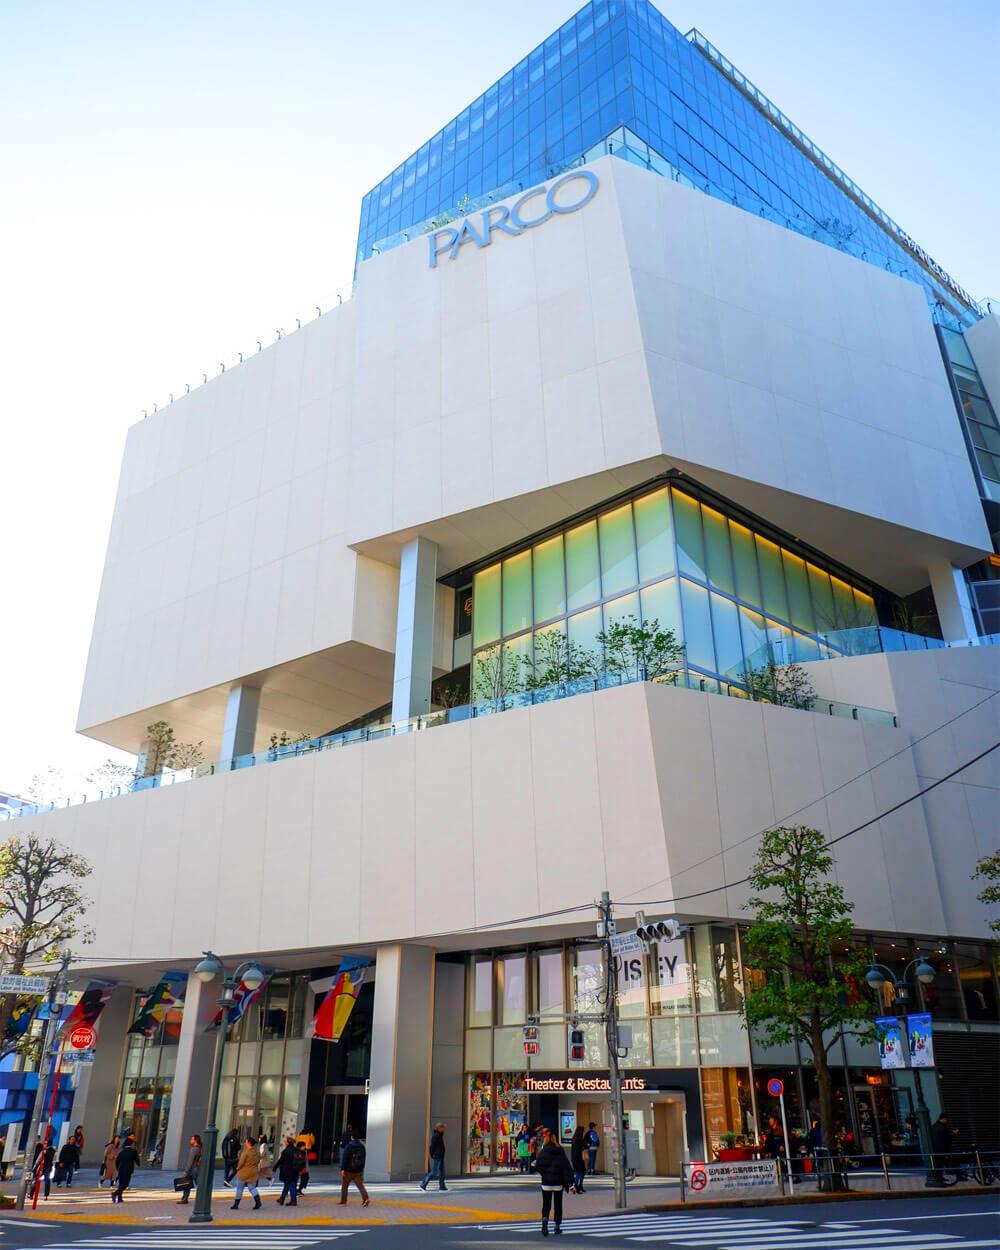 Parco department store Japan